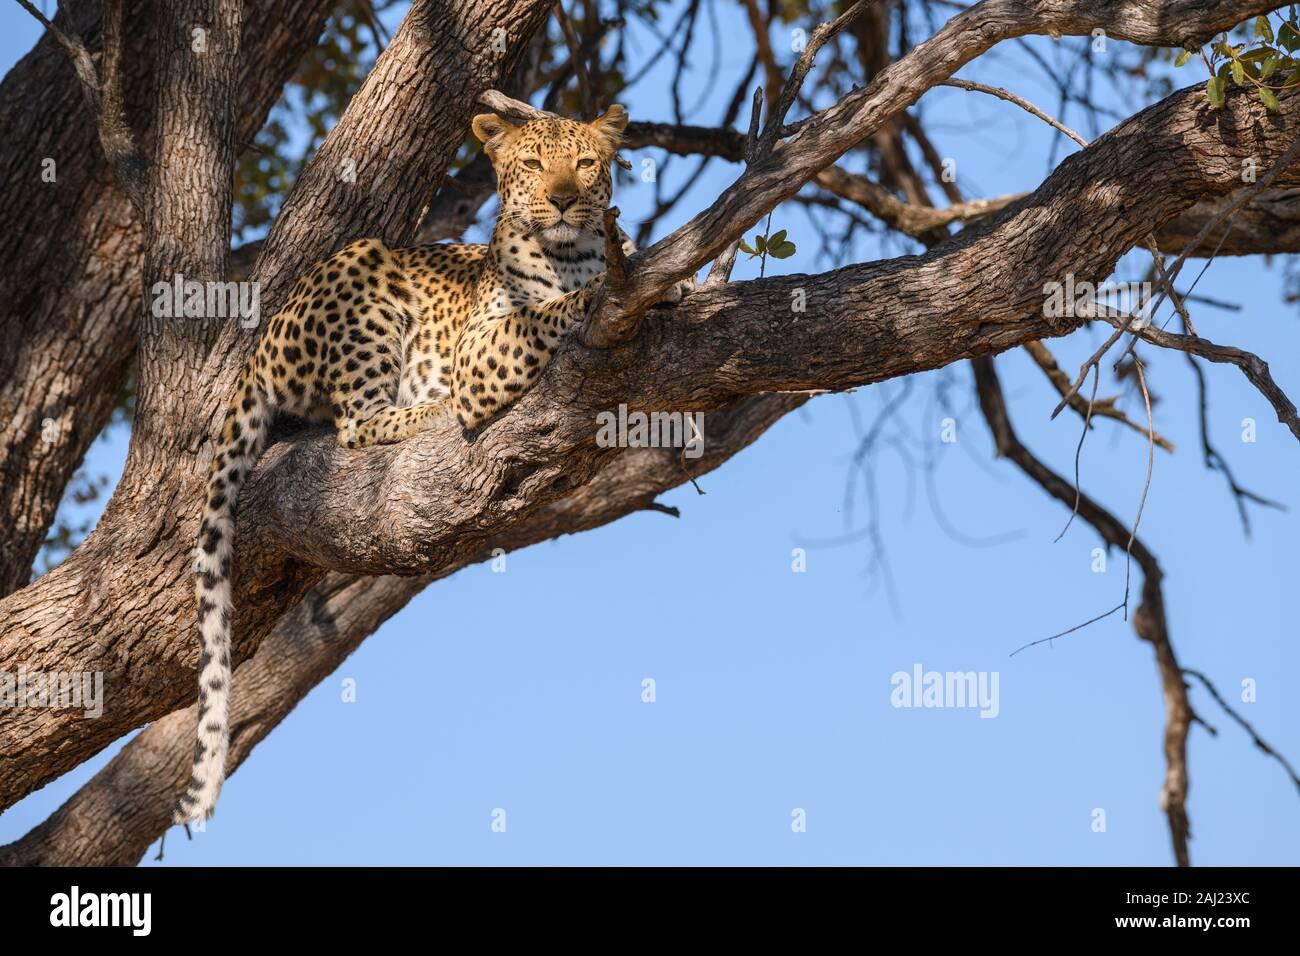 Femme Léopard (Panthera pardus) dans un arbre, Khwai Réserve privée, Okavango Delta, Botswana, Africa Banque D'Images